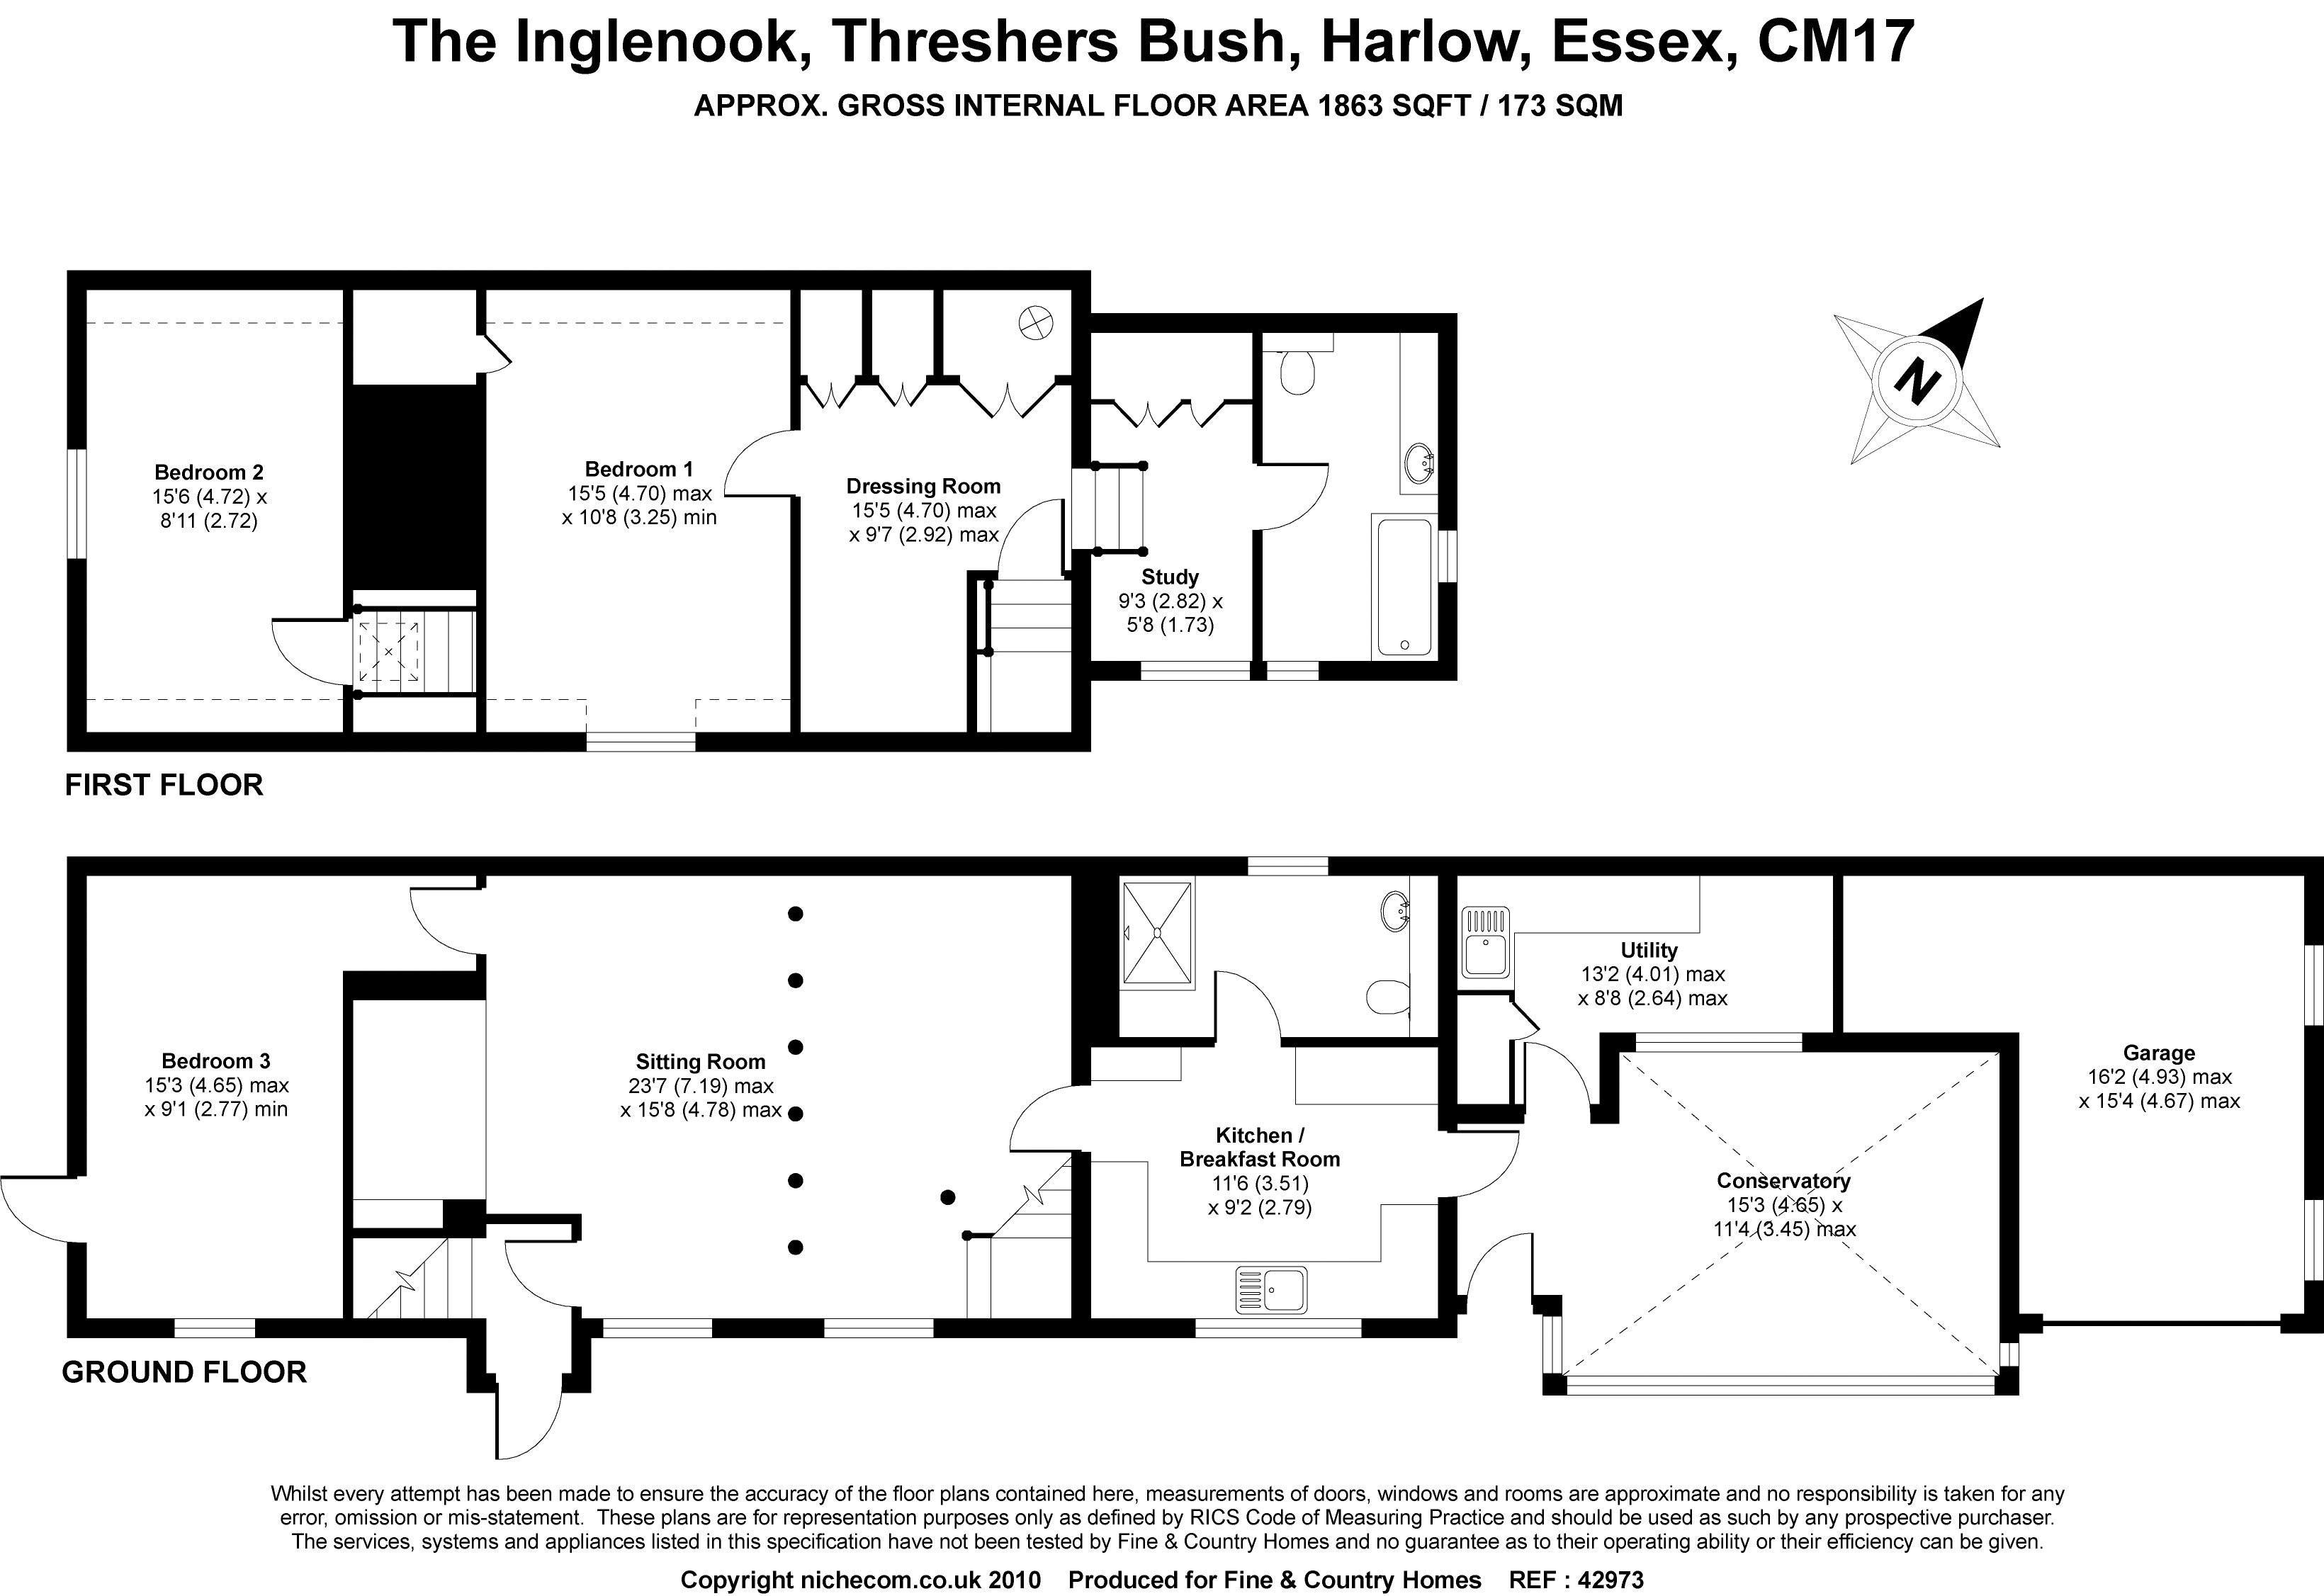 Threshers Bush